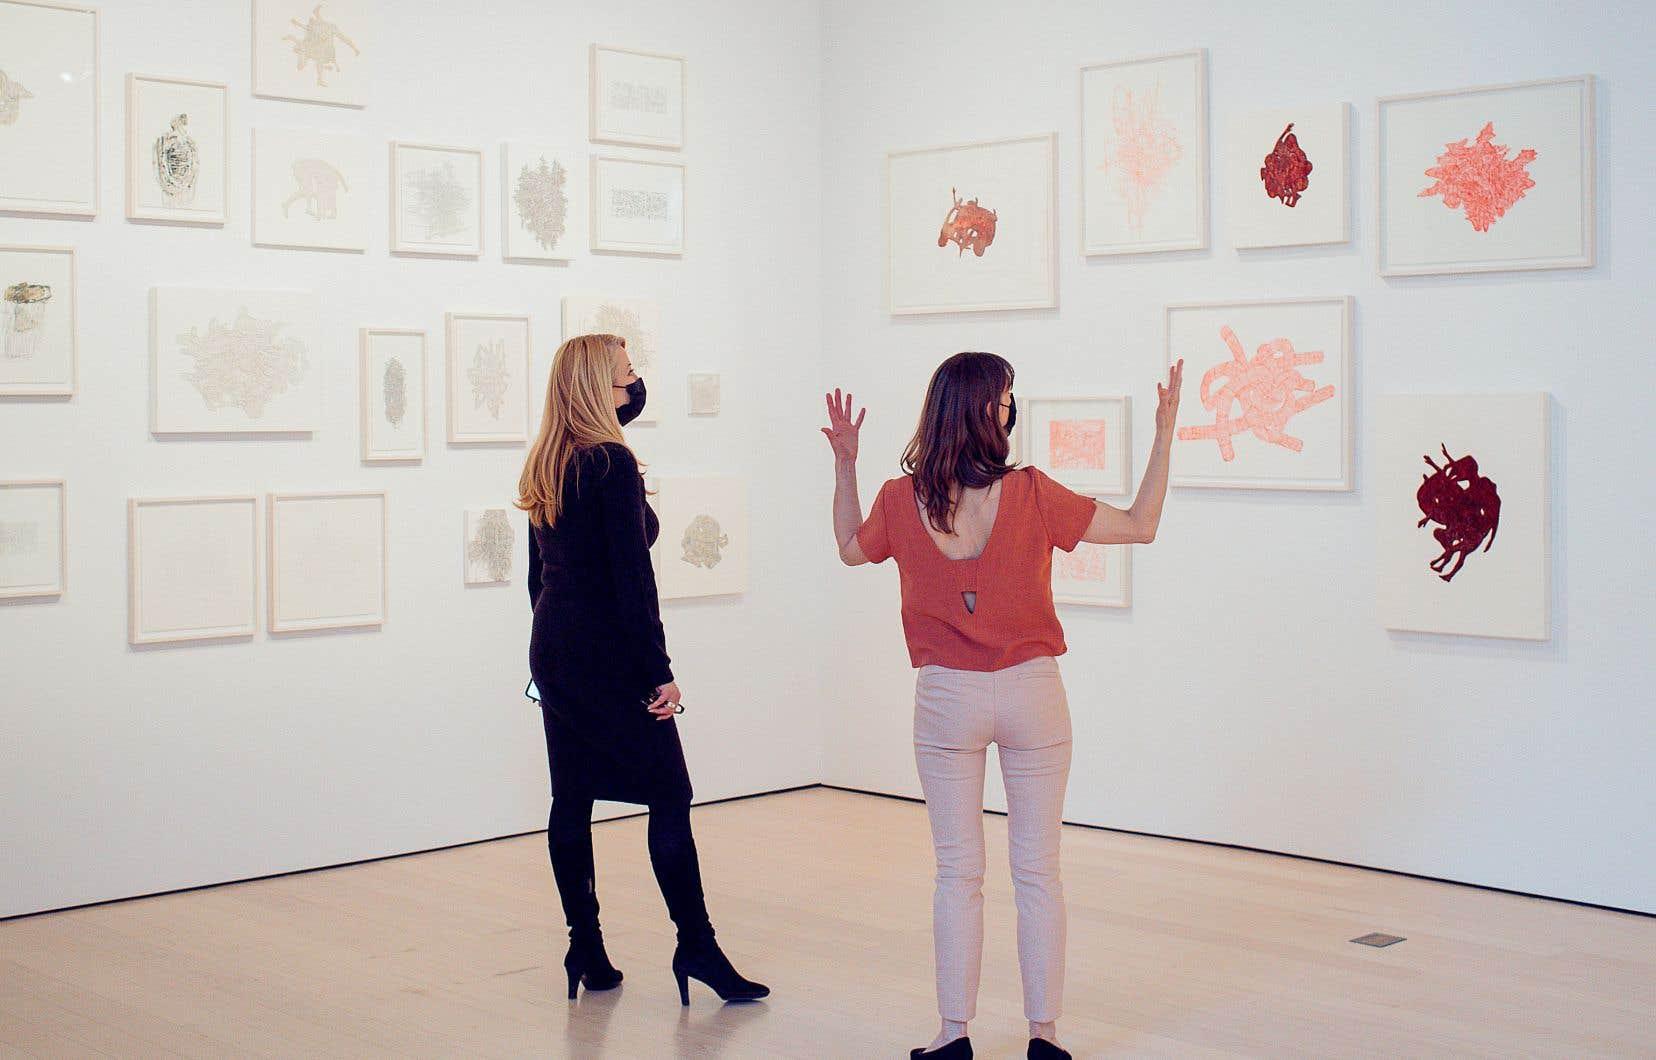 La très grande majorité des œuvres de Julie Ouellet (à droite) se déploie en noir et blanc. «La couleur me dérange», confie simplement l'artiste, qui dit s'être assurée que les toiles qui comptaient un peu de couleur, du rouge notamment, seraient regroupées au même endroit dans la galerie.